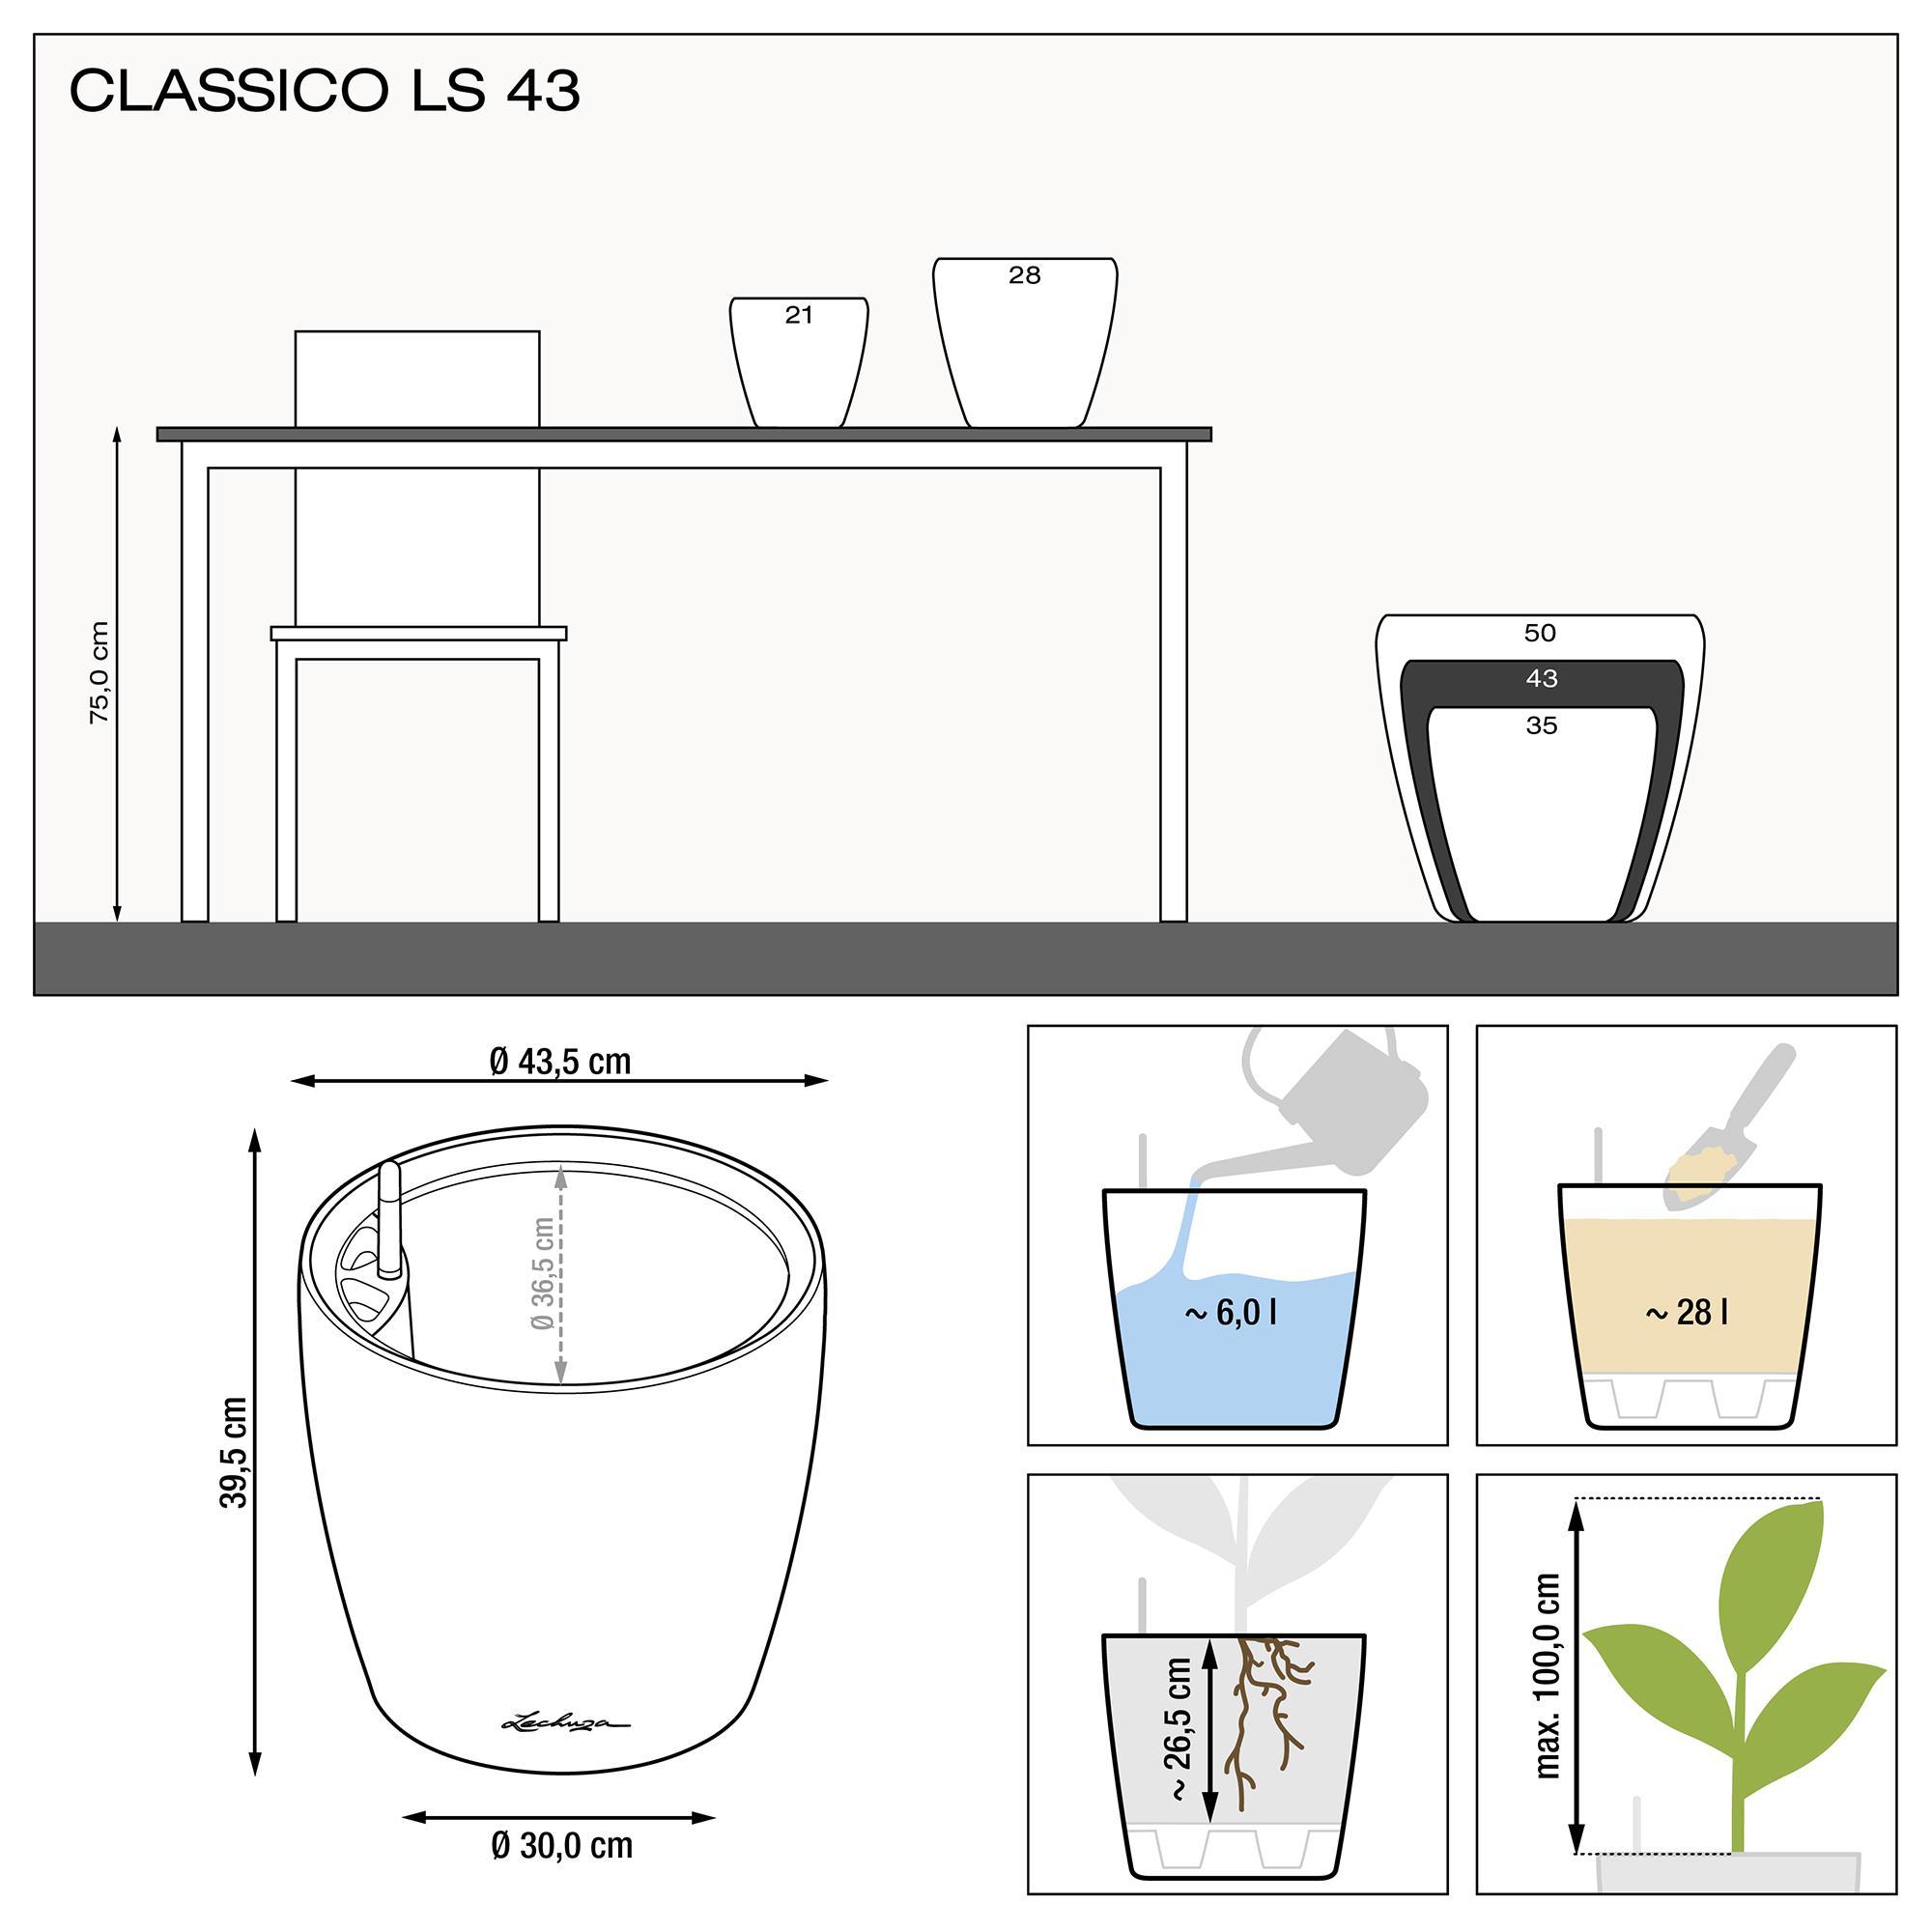 CLASSICO LS 43 anthrazit metallic - Bild 3